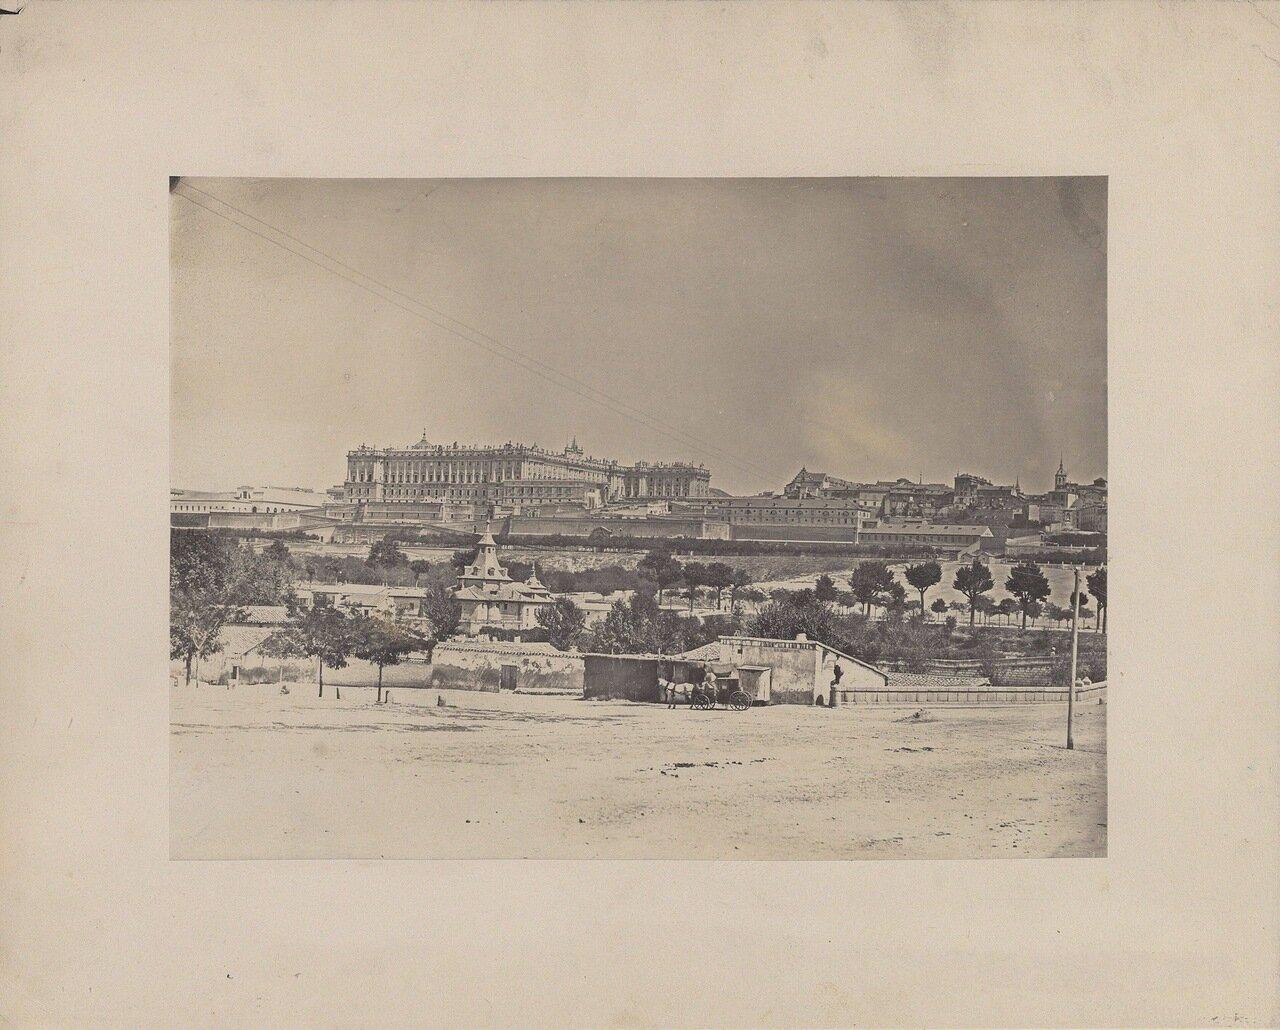 Вирхен-дель-Пуэрто и Королевский дворец на заднем плане. Мадрид